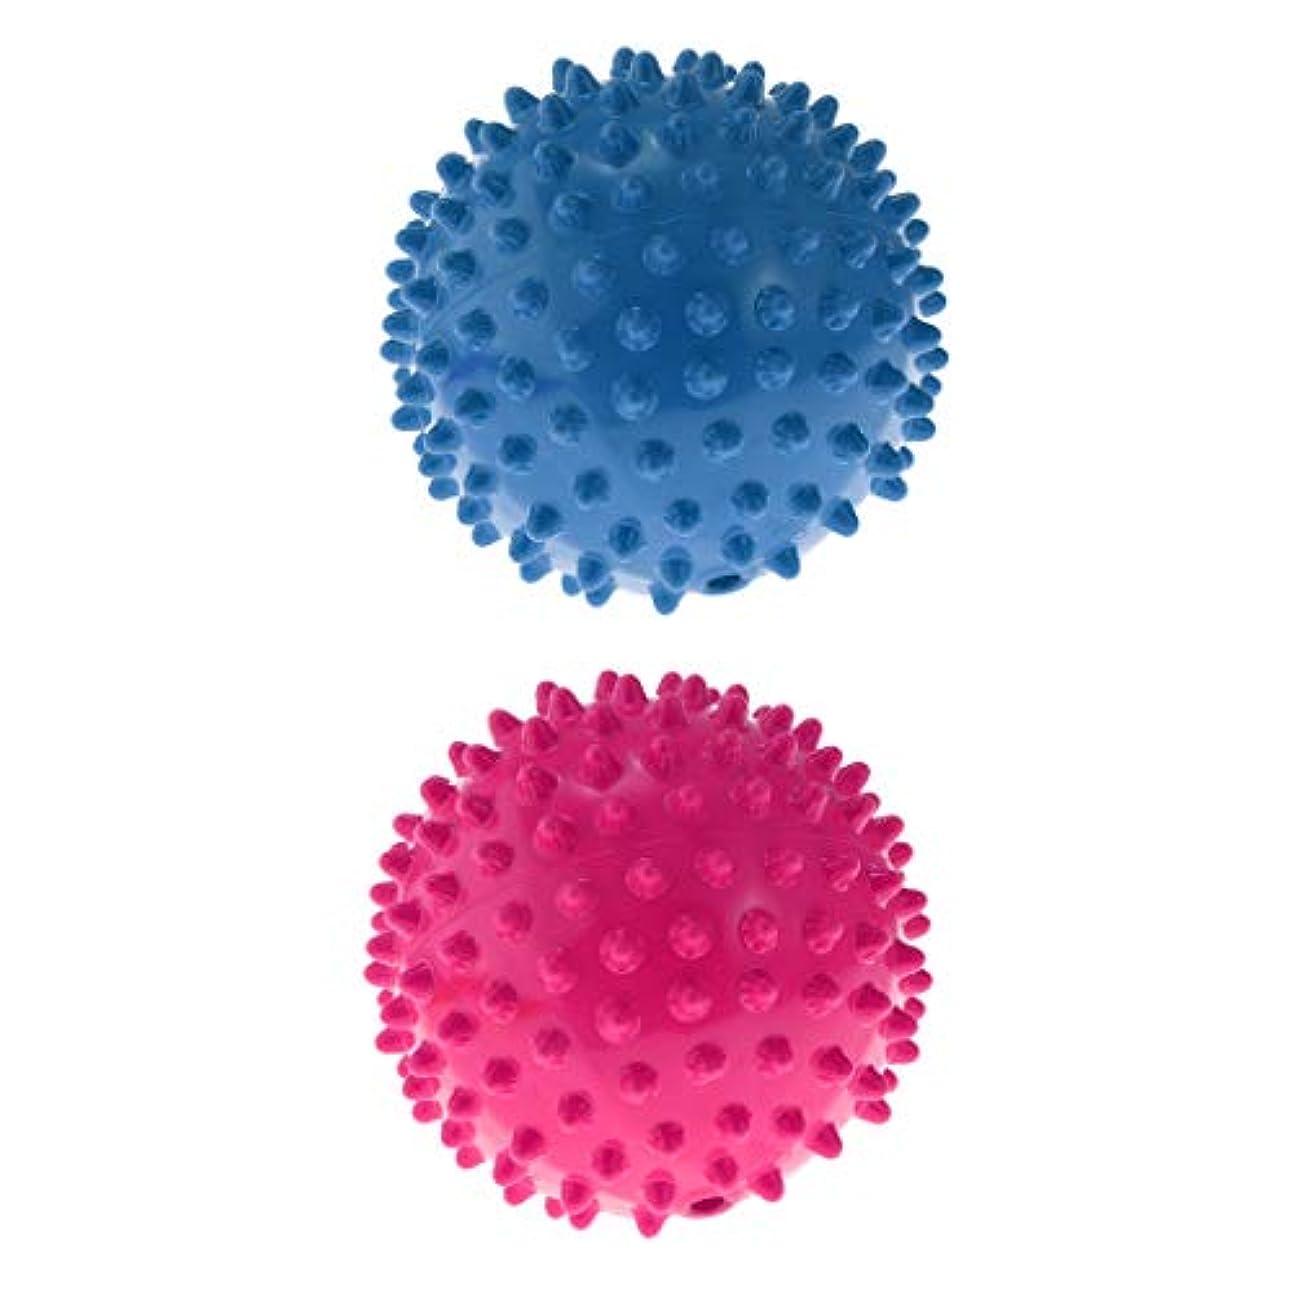 予約全員洞察力のあるCUTICATE 指圧マッサージボール ローラーボール マッサージローラー トリガーポイント 疲労軽減 痛み緩和